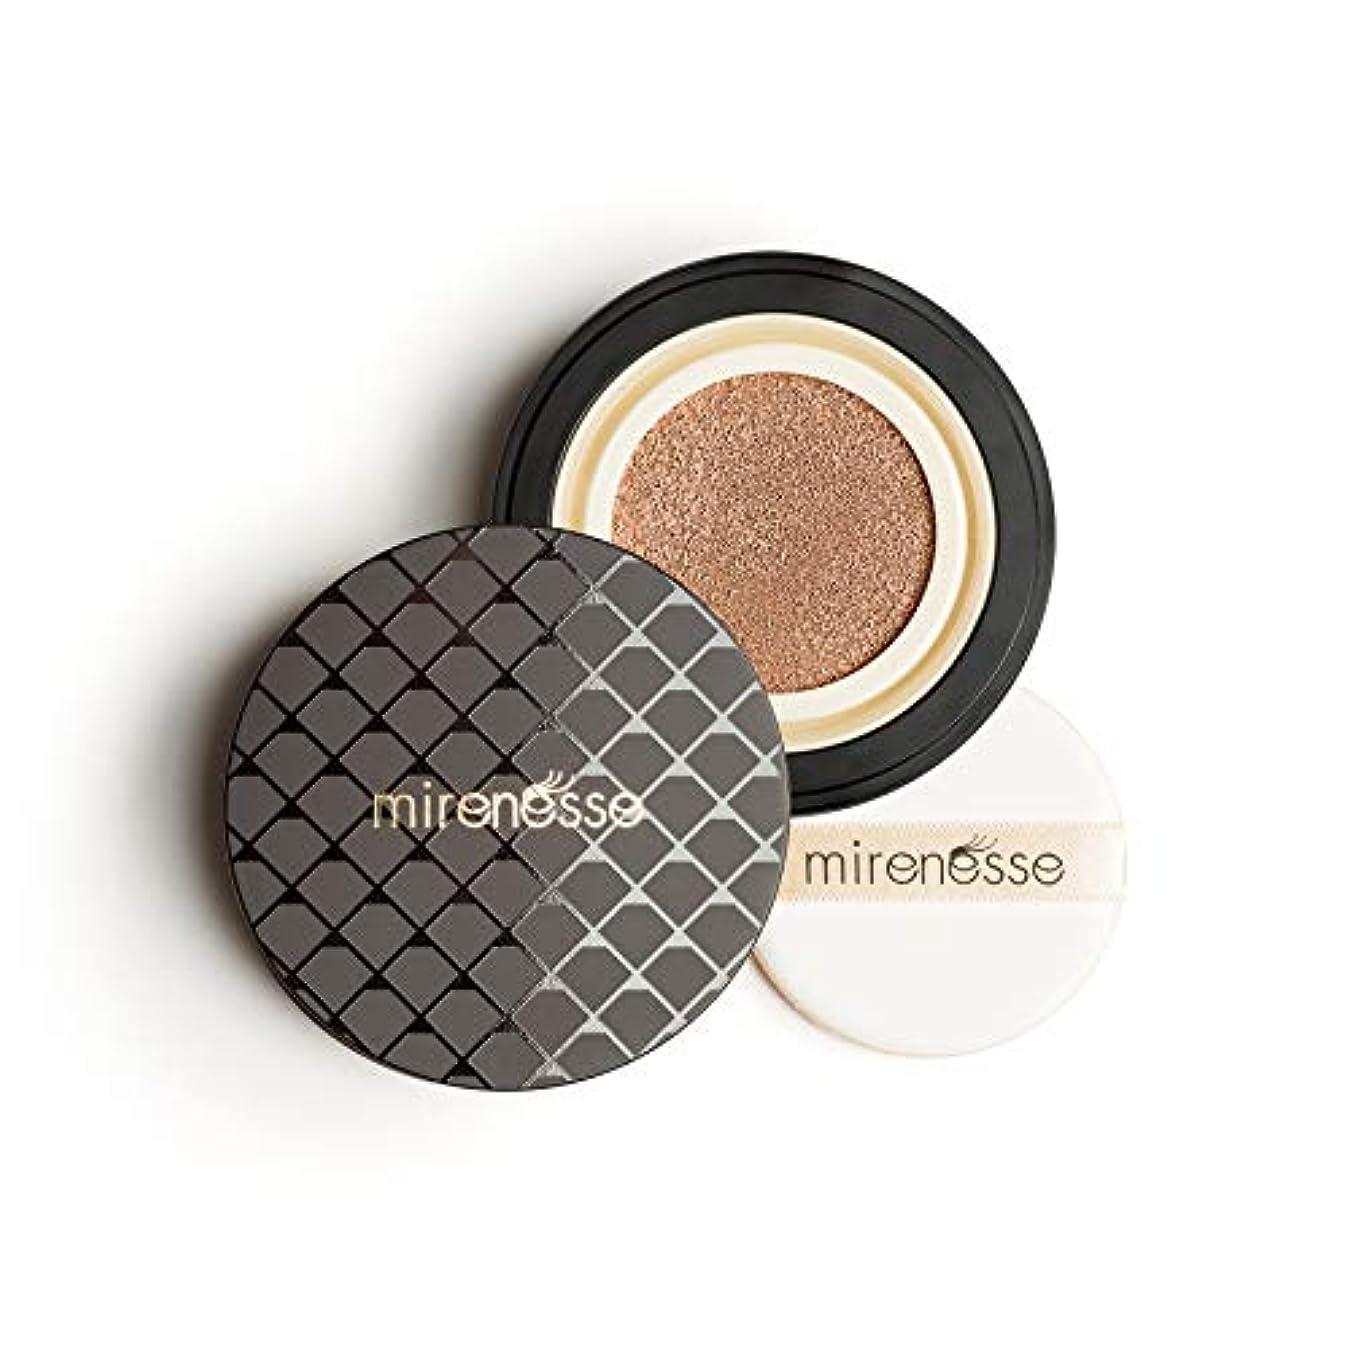 刺繍持っているフリースMirenesse Cosmetics 10 Collagen Cushion Foundation Compact Airbrush Liquid Powder SPF25 PA++ 15g/0.52oz - Shade...